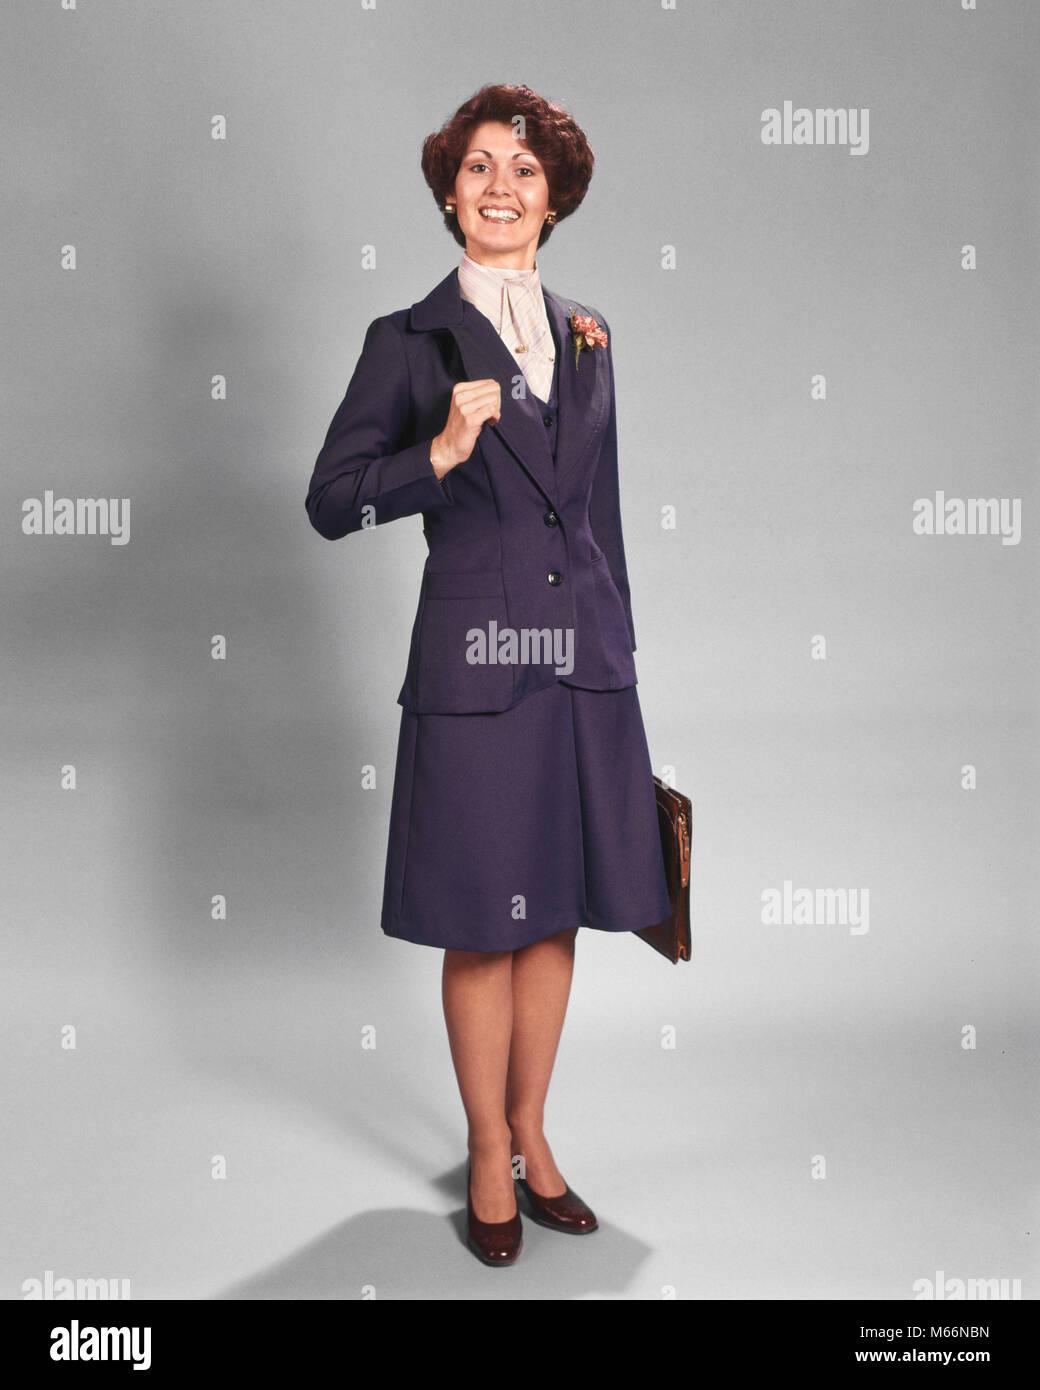 70 confianza empresaria sonriendo feliz de pie vestido de azul traje